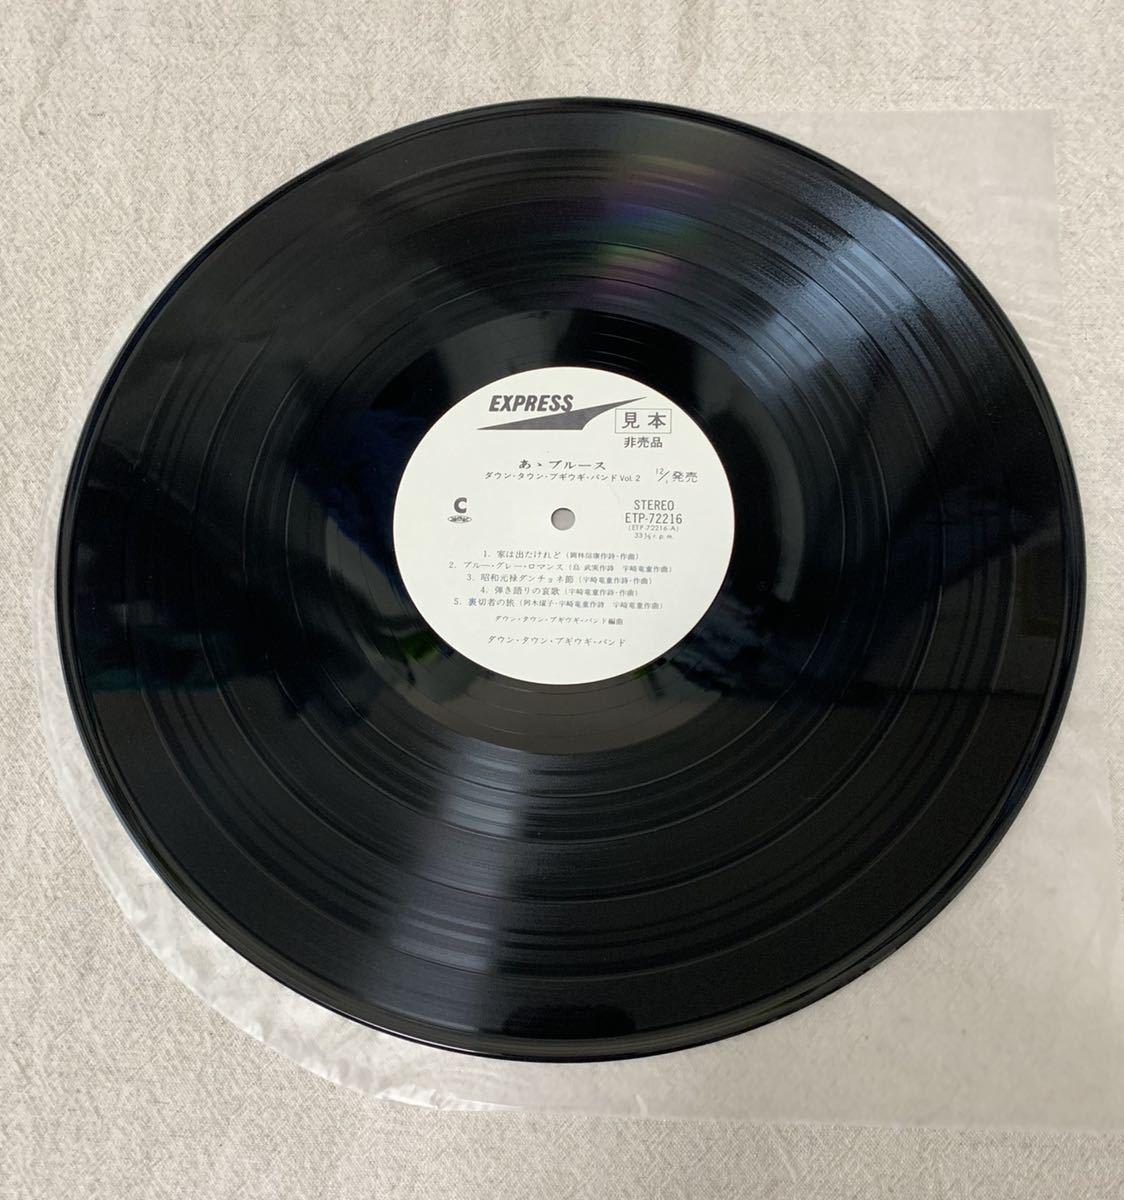 【LP レコード 見本盤 非売品】ETR-72216 ダウン・タウン・ブギウギ・バンド あゝブルース 音楽 日本 ロック ポップス コレクション_画像2